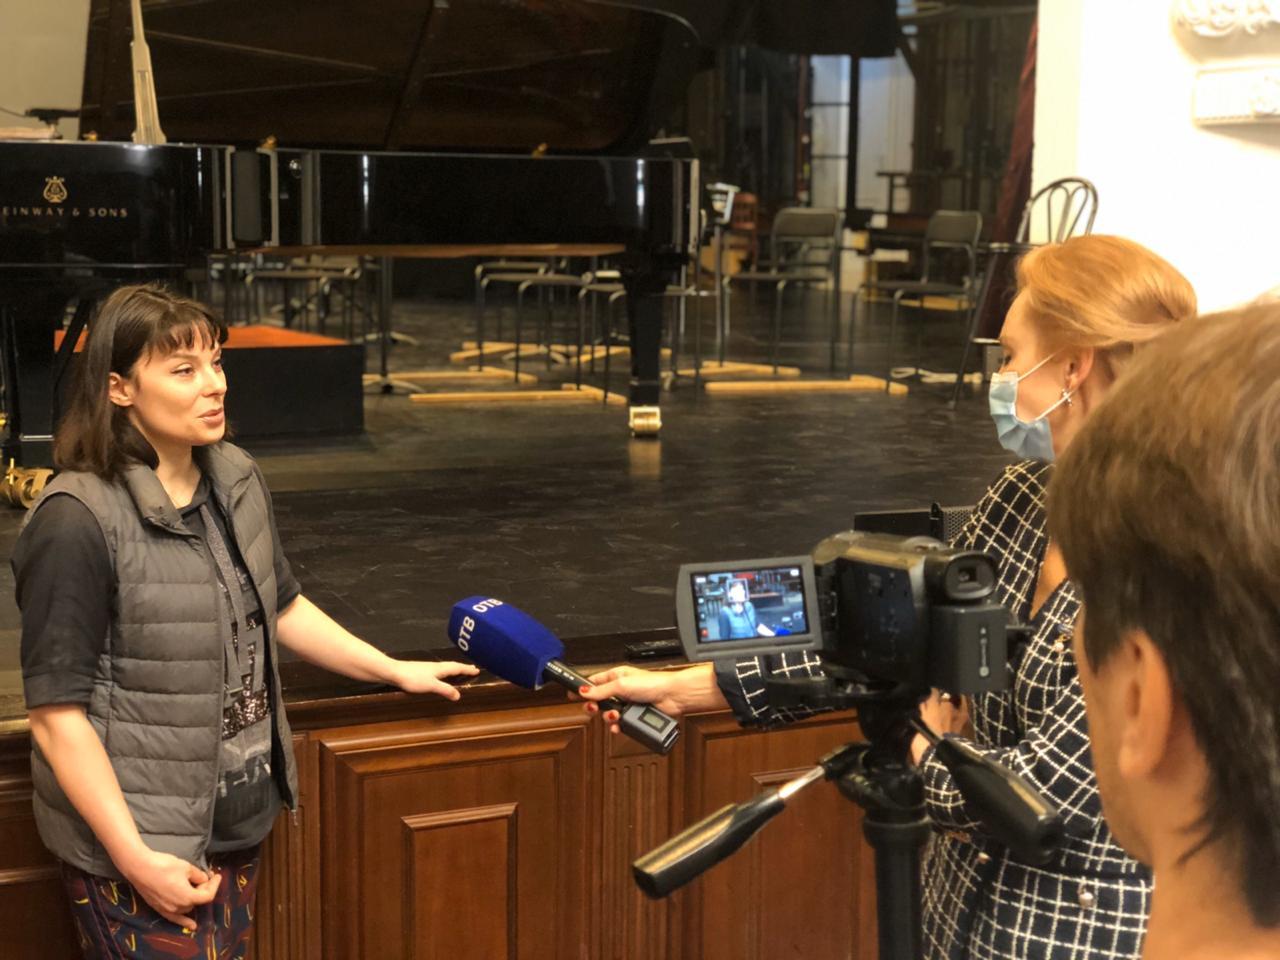 Пресс-релиз  Брифинг с участием Екатерины Мечетиной и артистов Приморской краевой филармонии